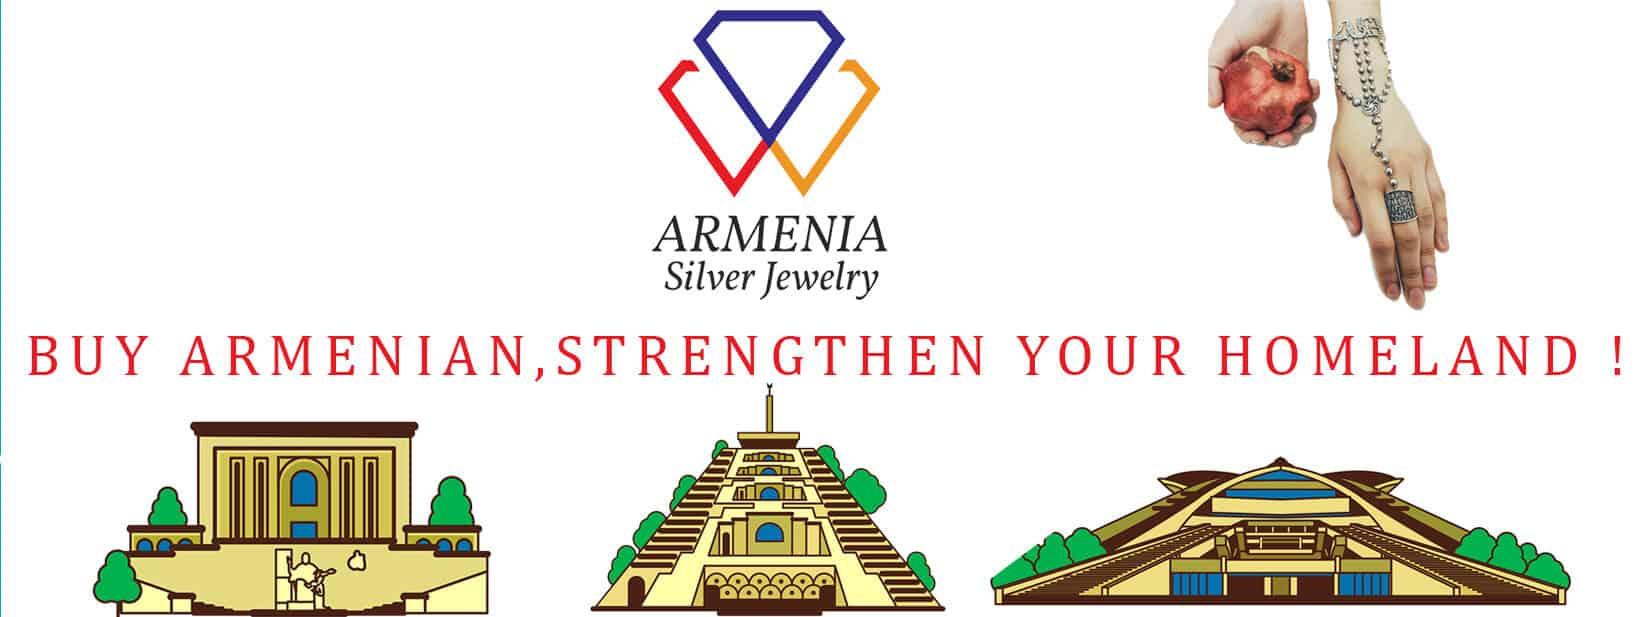 Armenia Silver Jewelry